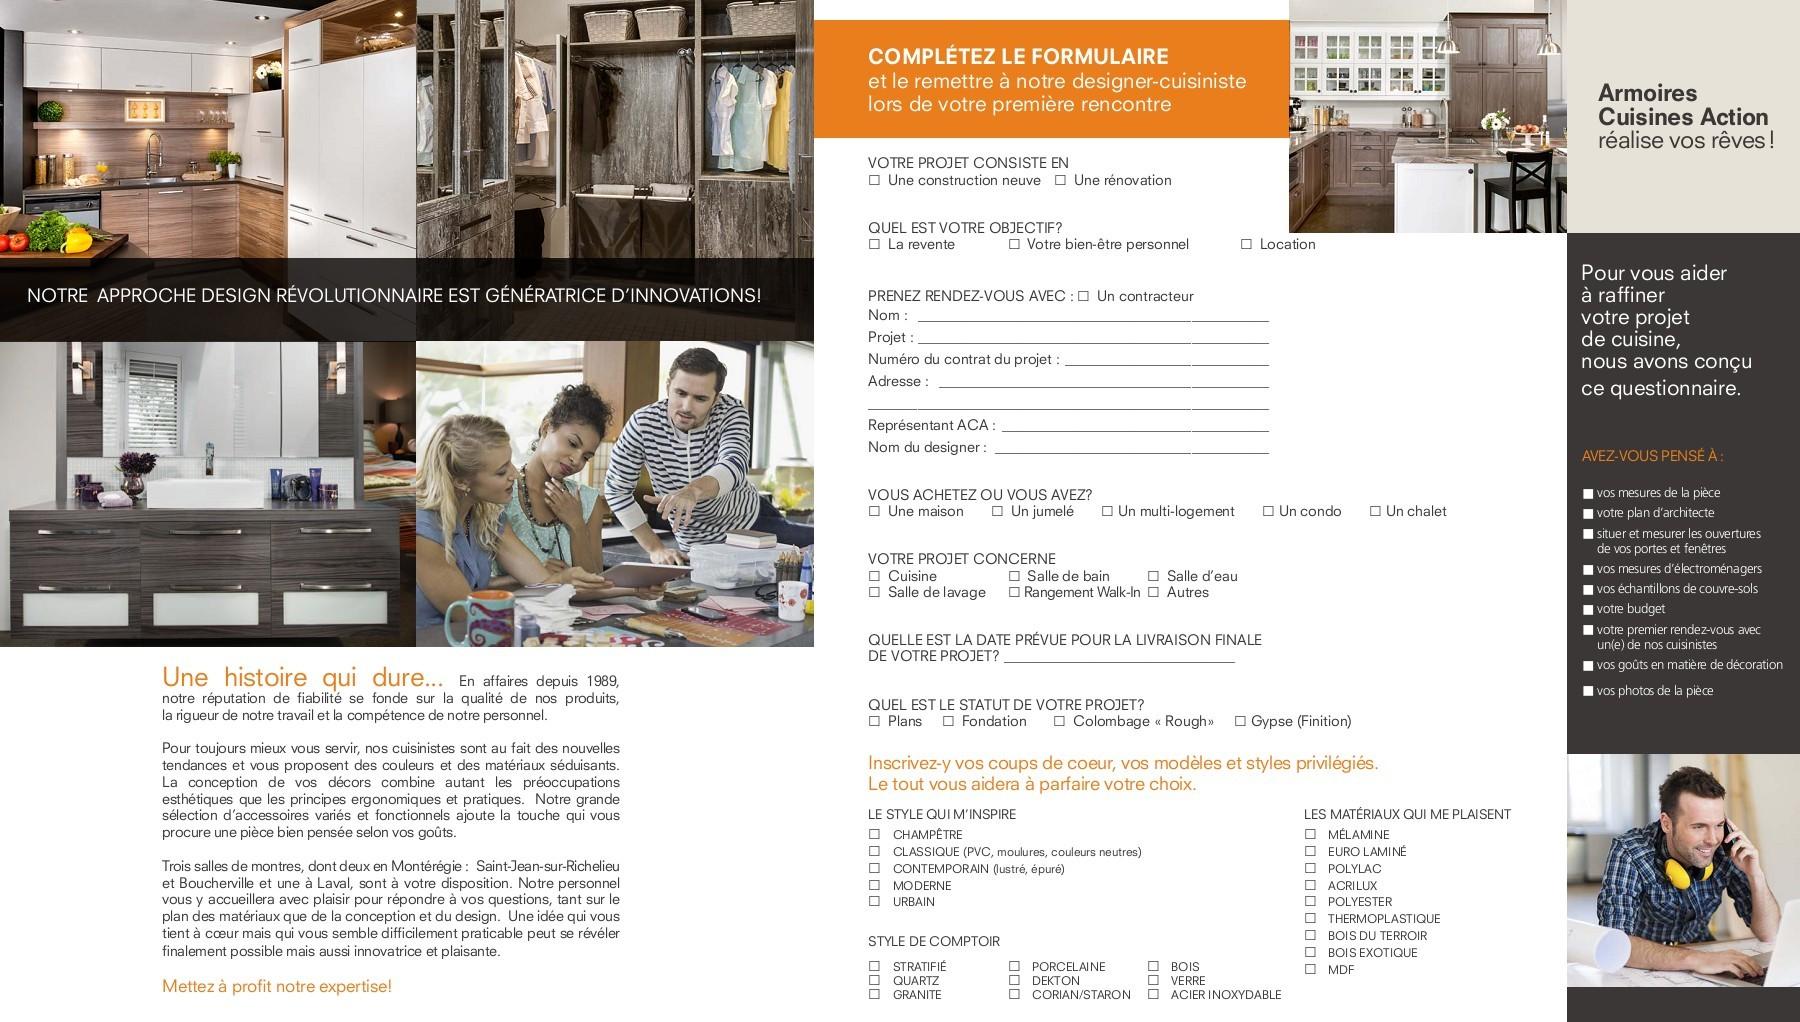 Prix Feuille Stratifié Formica catalogue 2016 pages 1 - 22 - text version | pubhtml5